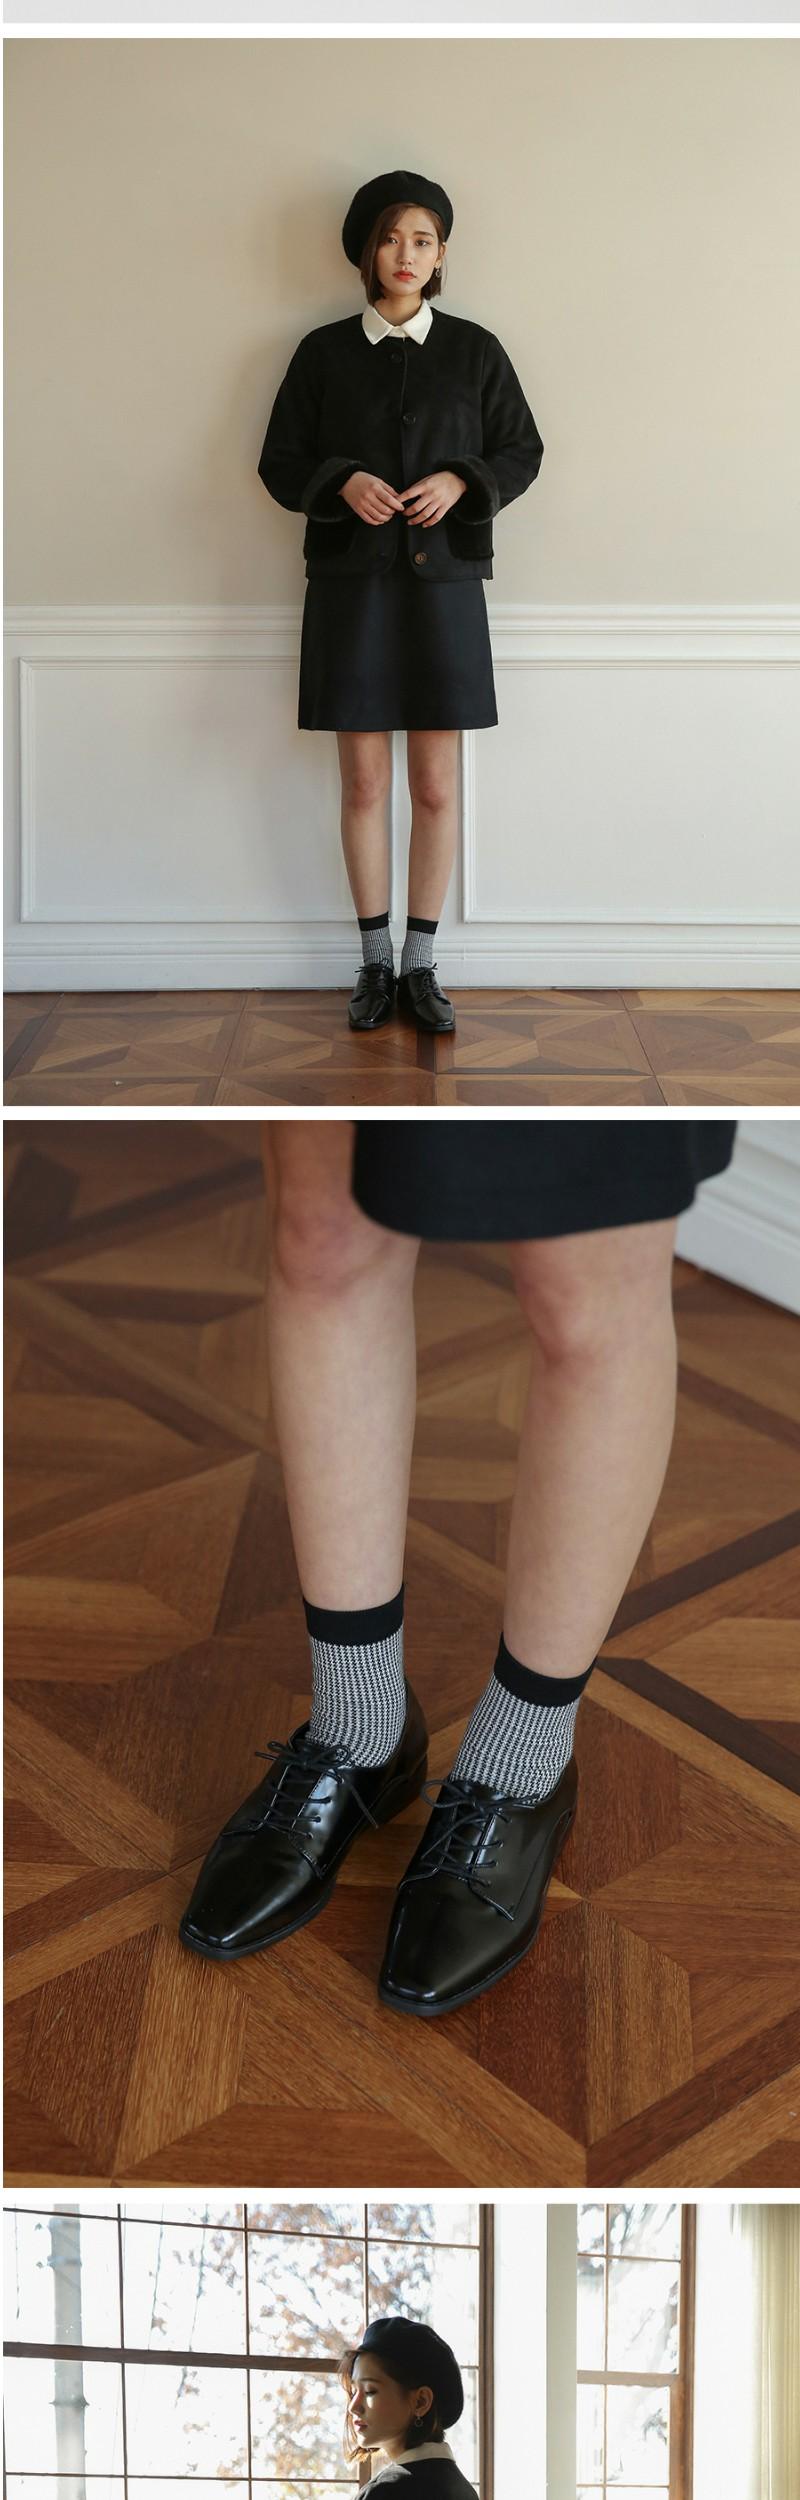 hound check socks